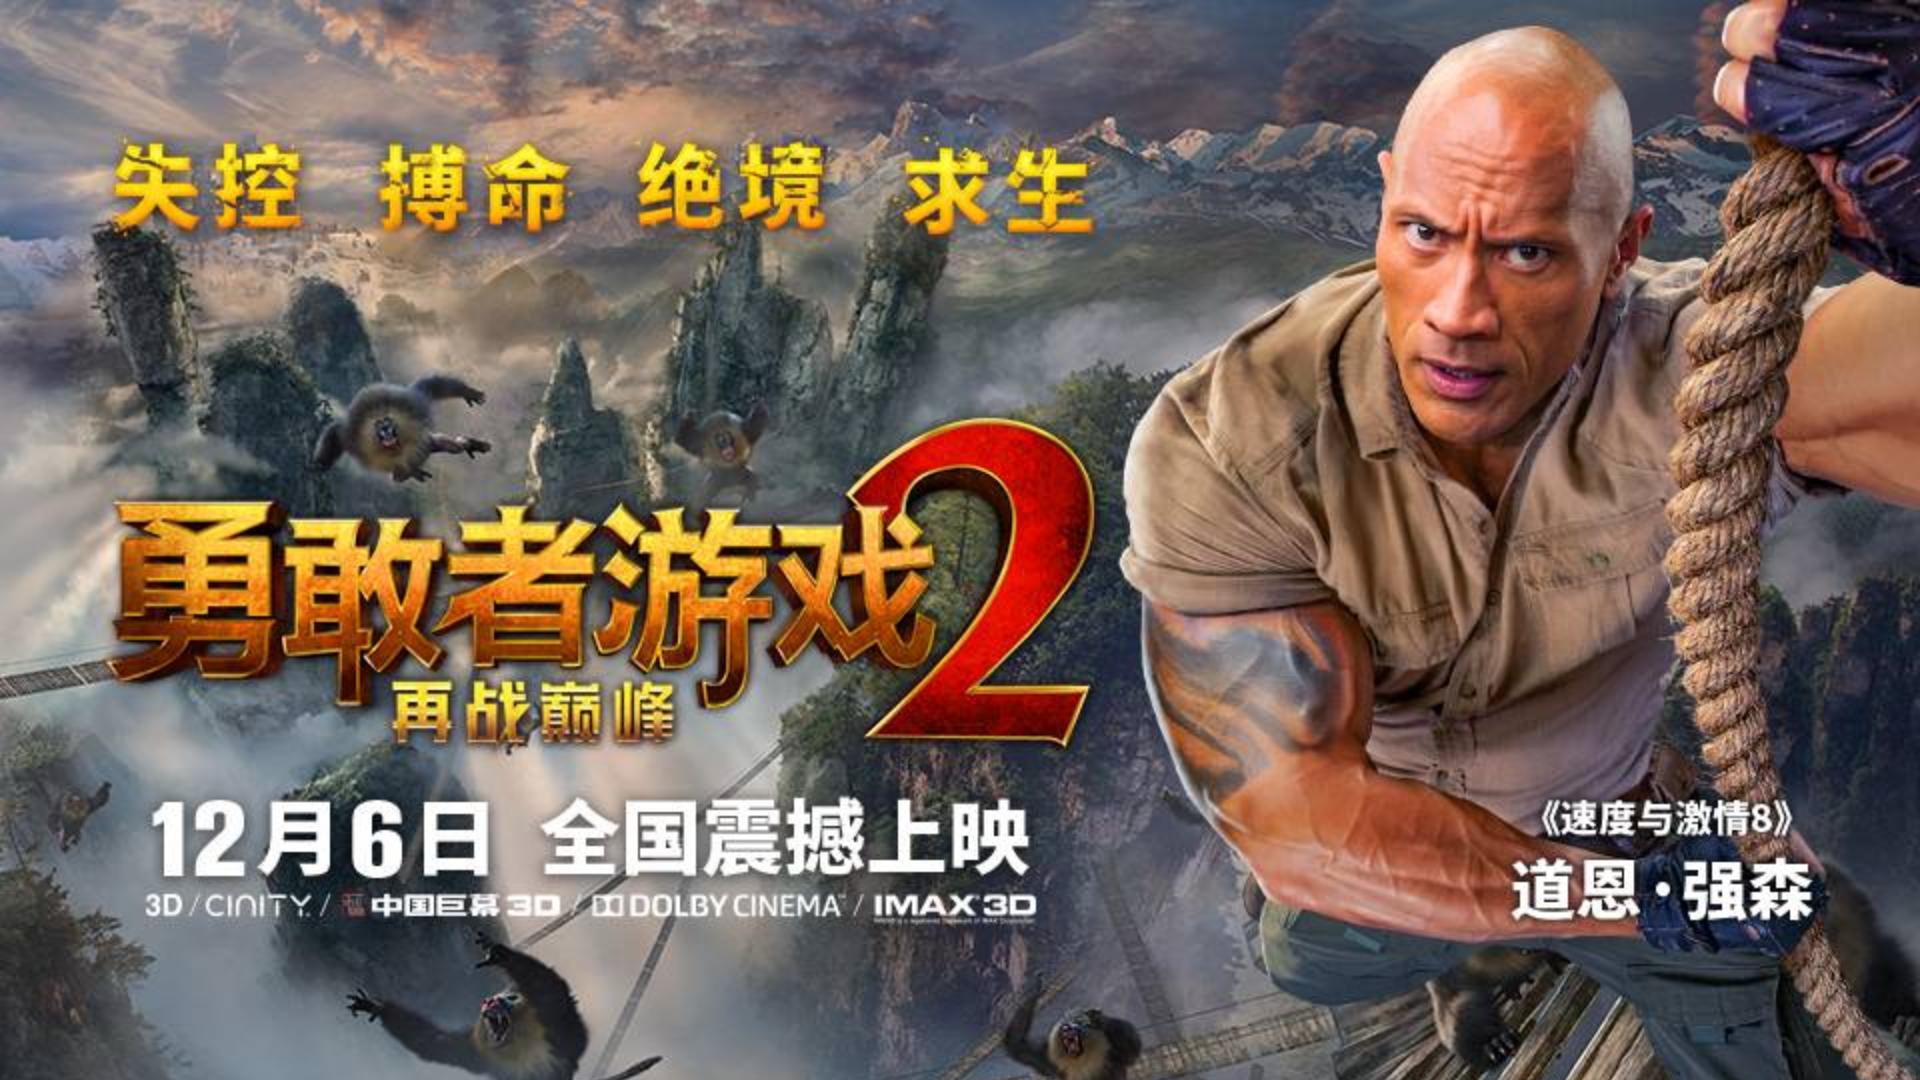 《勇敢者游戏2:再战巅峰》开预售 终极预告让人屏息体验极限刺激